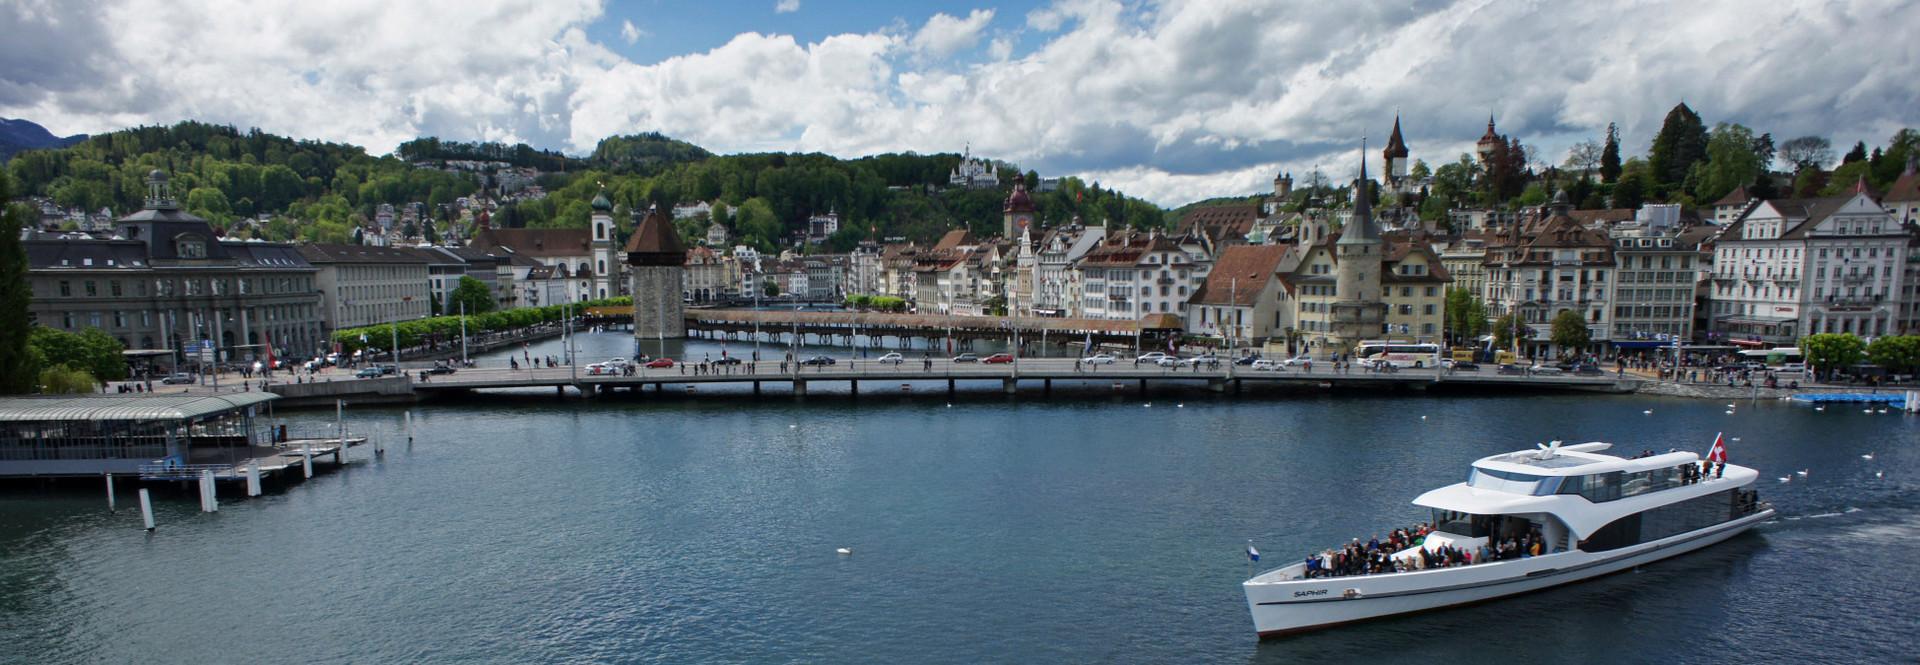 Le bateau à moteur Saphir dans le bassin du lac de Lucerne.